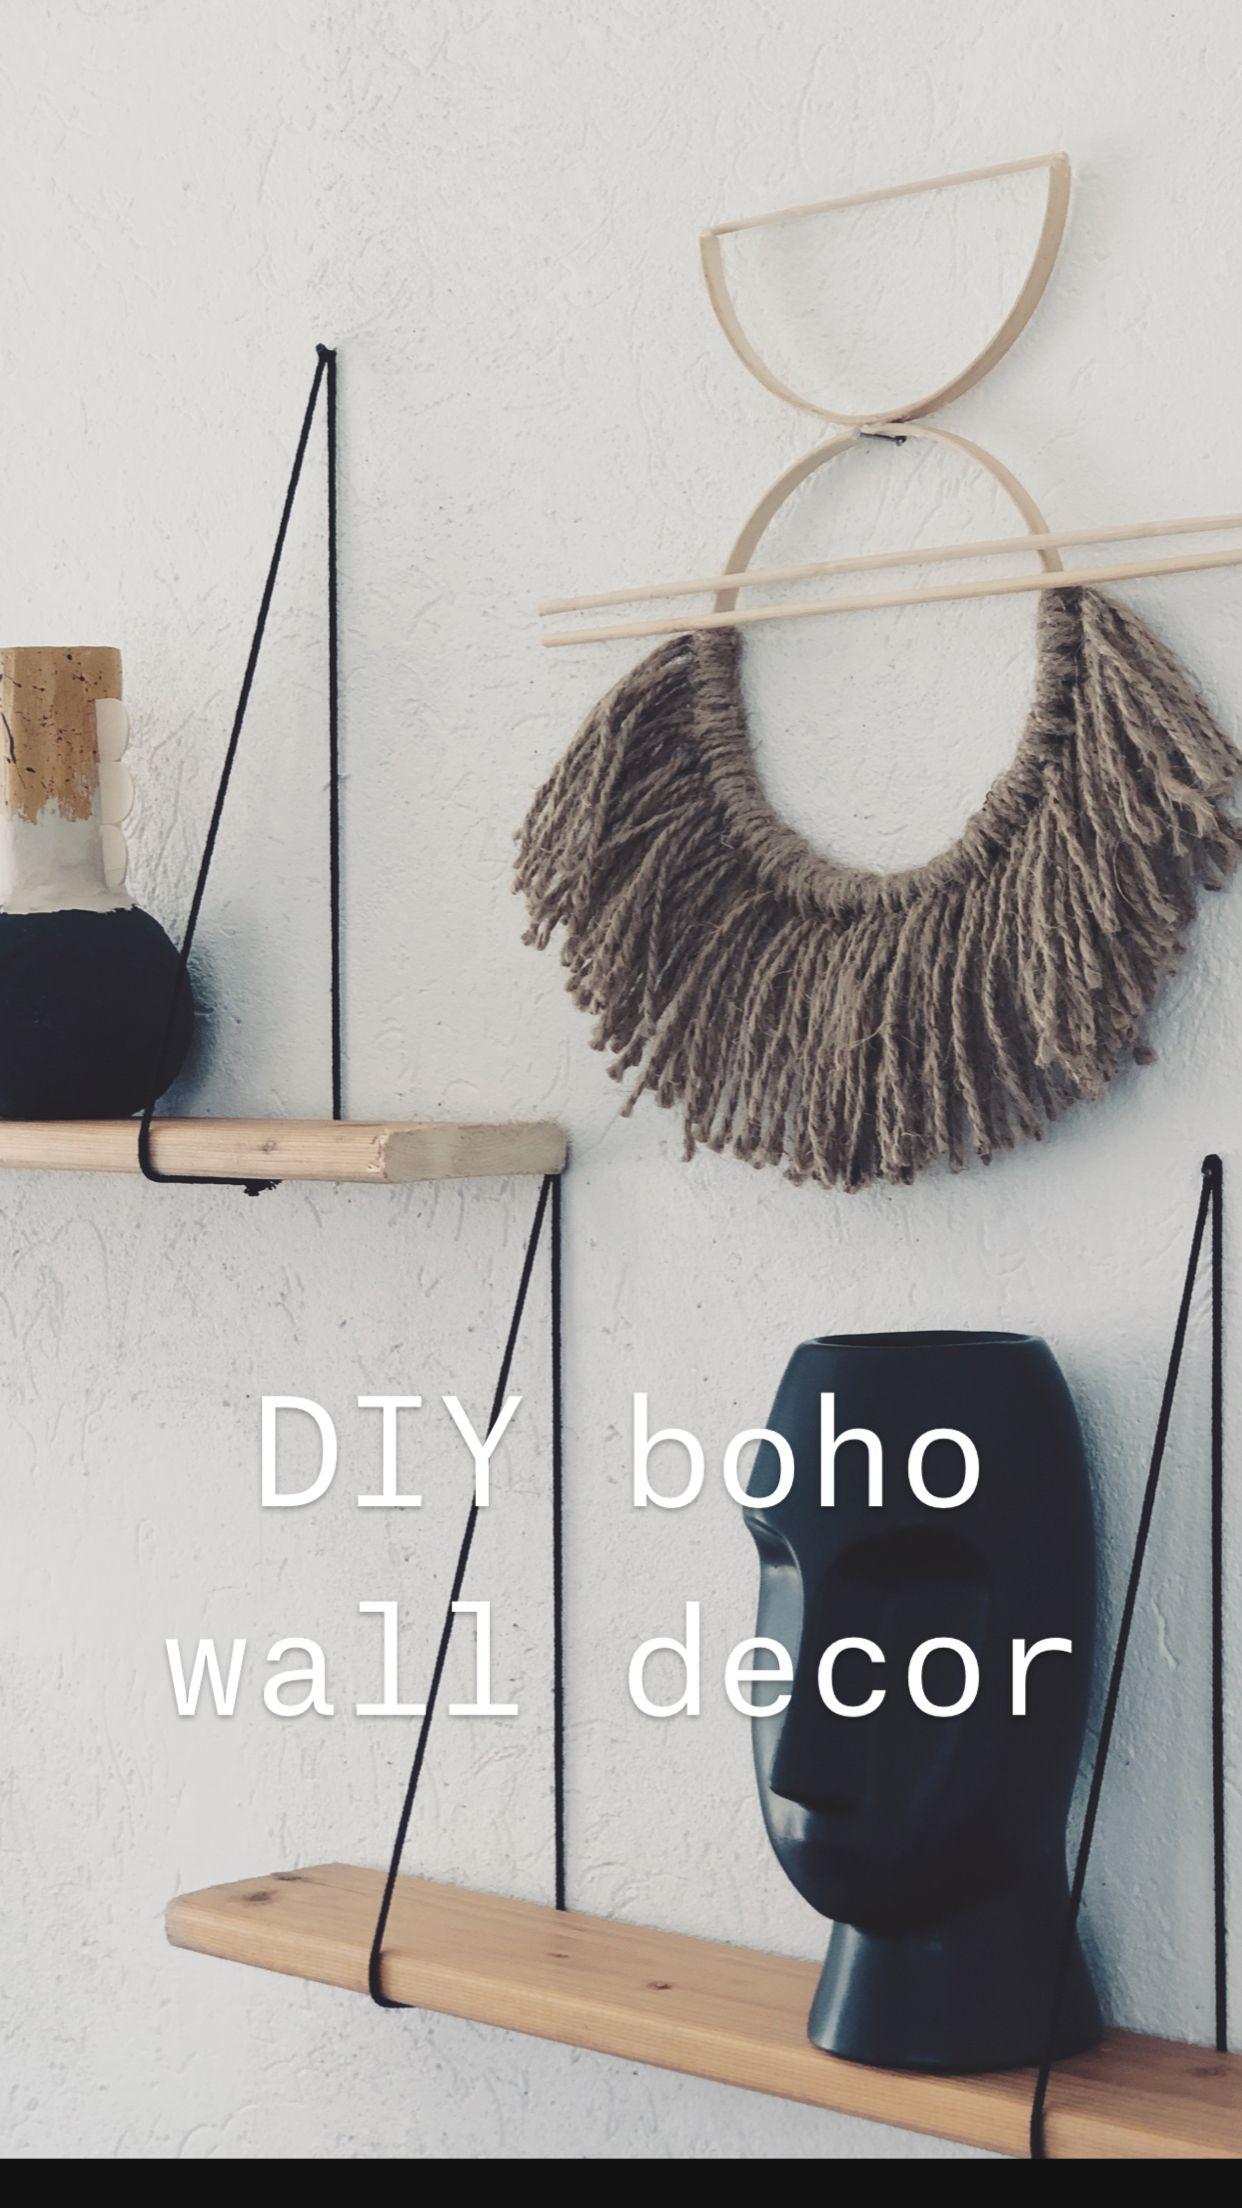 Photo of DIY boho wall decor